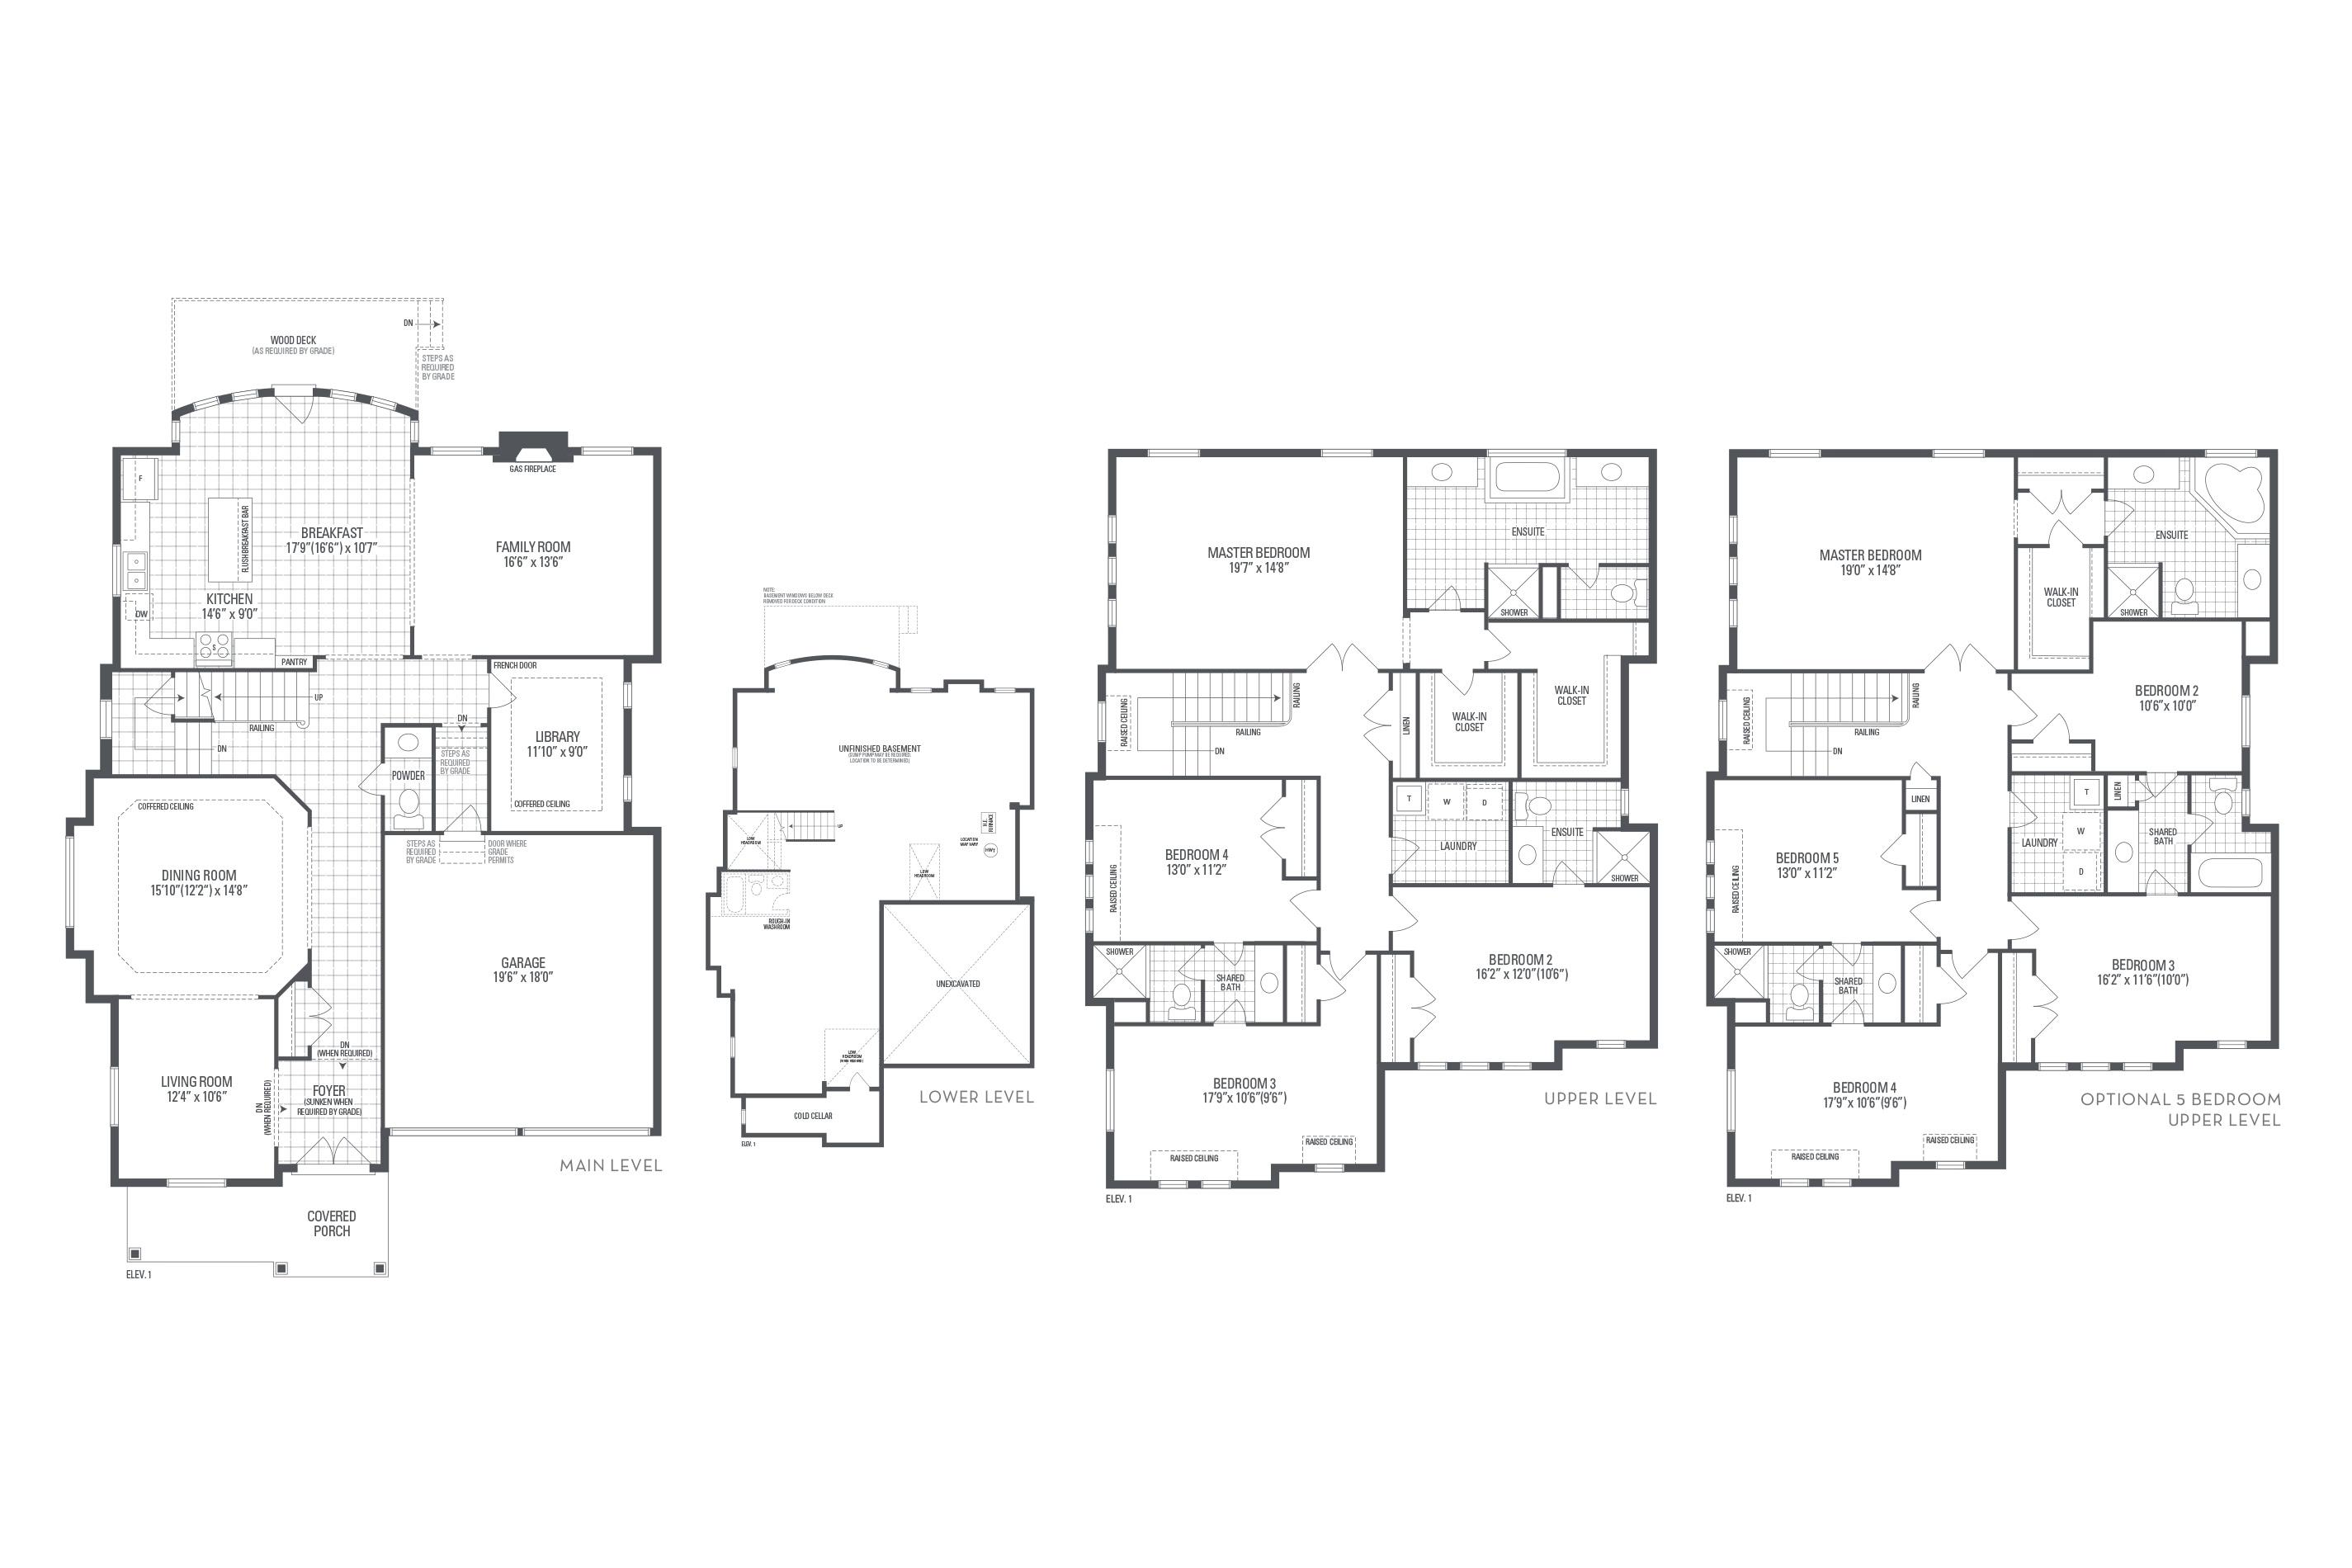 Crawford 12 Elev. 1 Floorplan